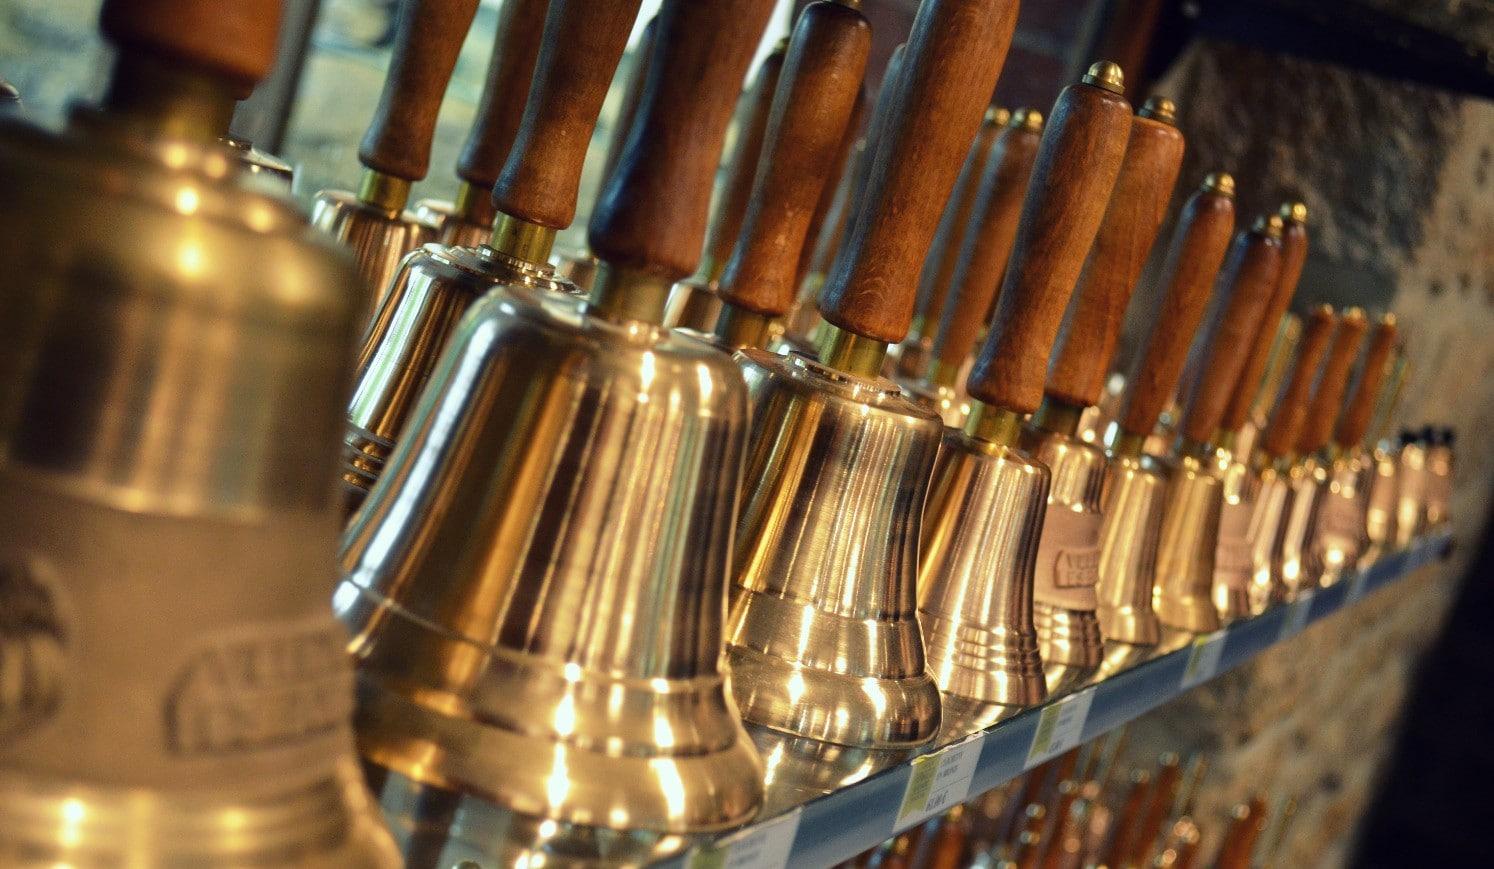 Glockengießerei Cornille Havard